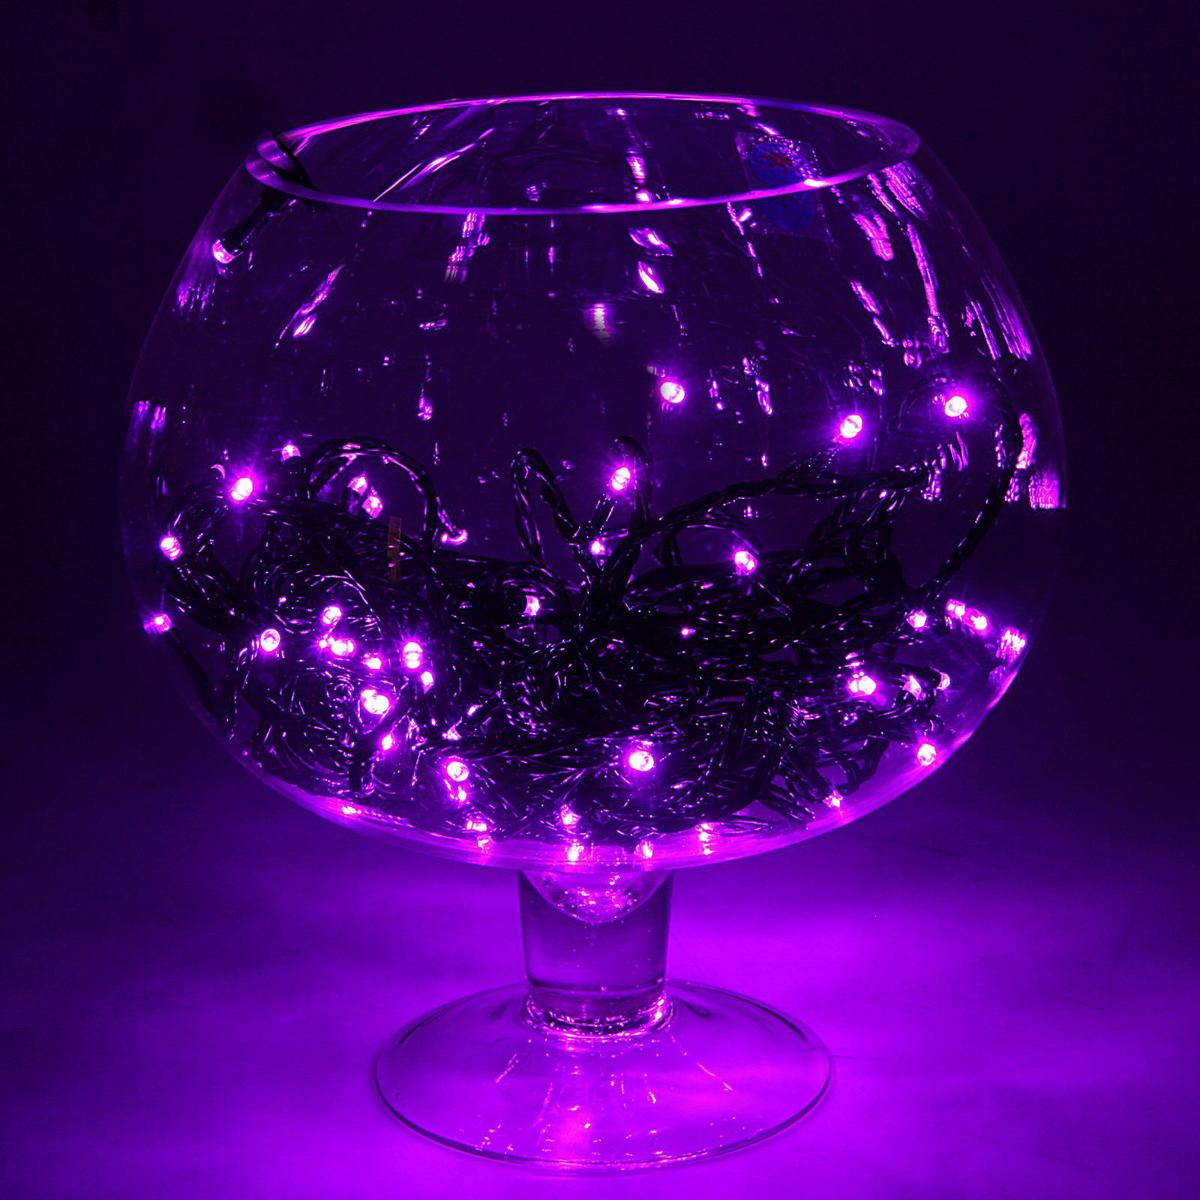 Гирлянда Luazon Метраж, длина 10 м, LED 100 ламп, 24В, цвет: фиолетовый. 1672036 гирлянда luazon спайдер led 600 24в 20m multicolor 1586037